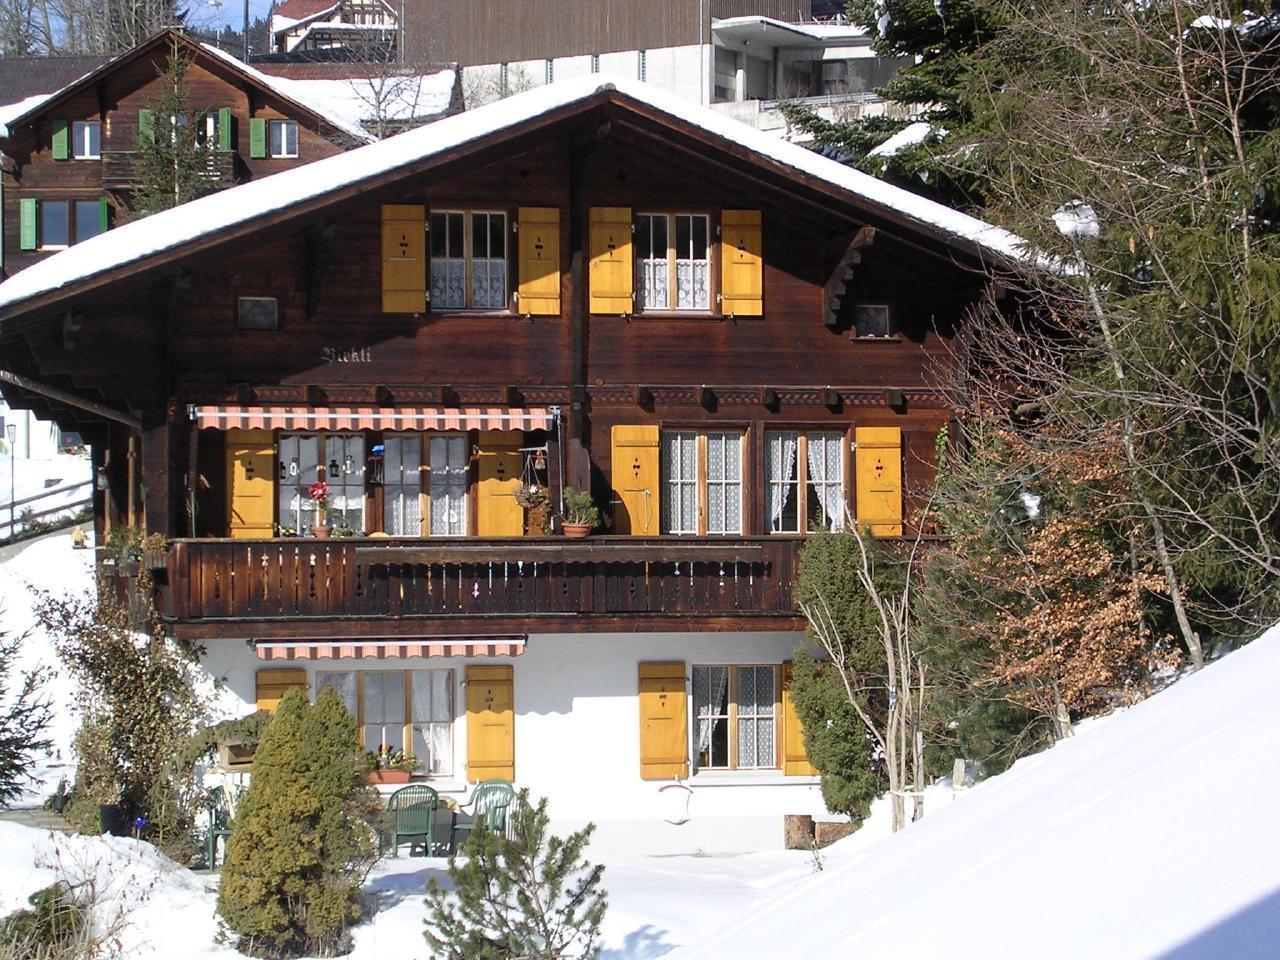 Appartement de vacances Birkli 2, 2 Bett Wohnung (2691724), Wengen, Région de la Jungfrau, Oberland bernois, Suisse, image 2